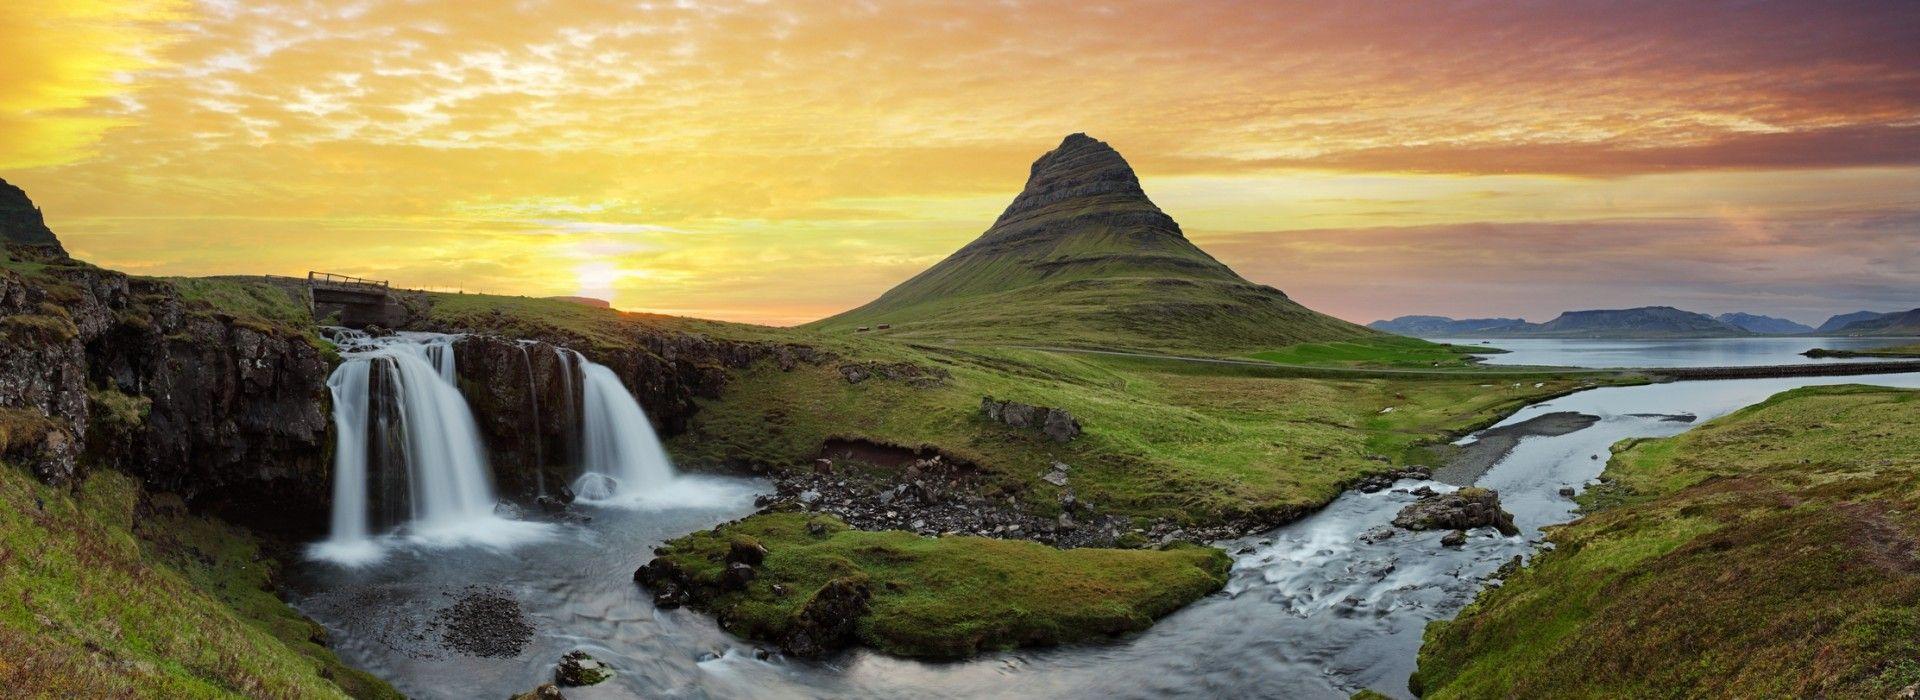 Camping Tours in Reykjavik